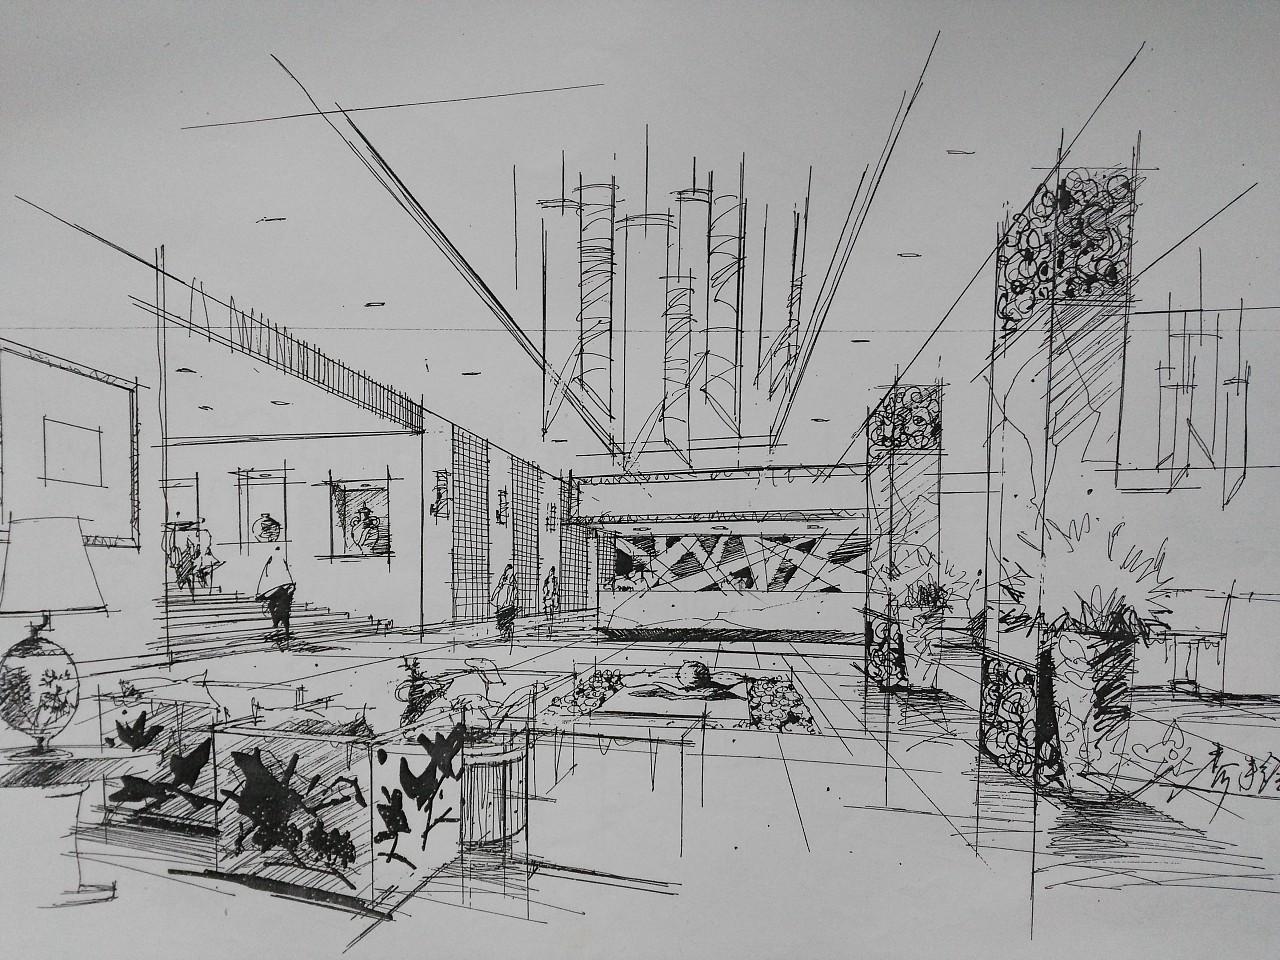 手绘|空间|建筑设计|lady_jia - 原创作品 - 站酷